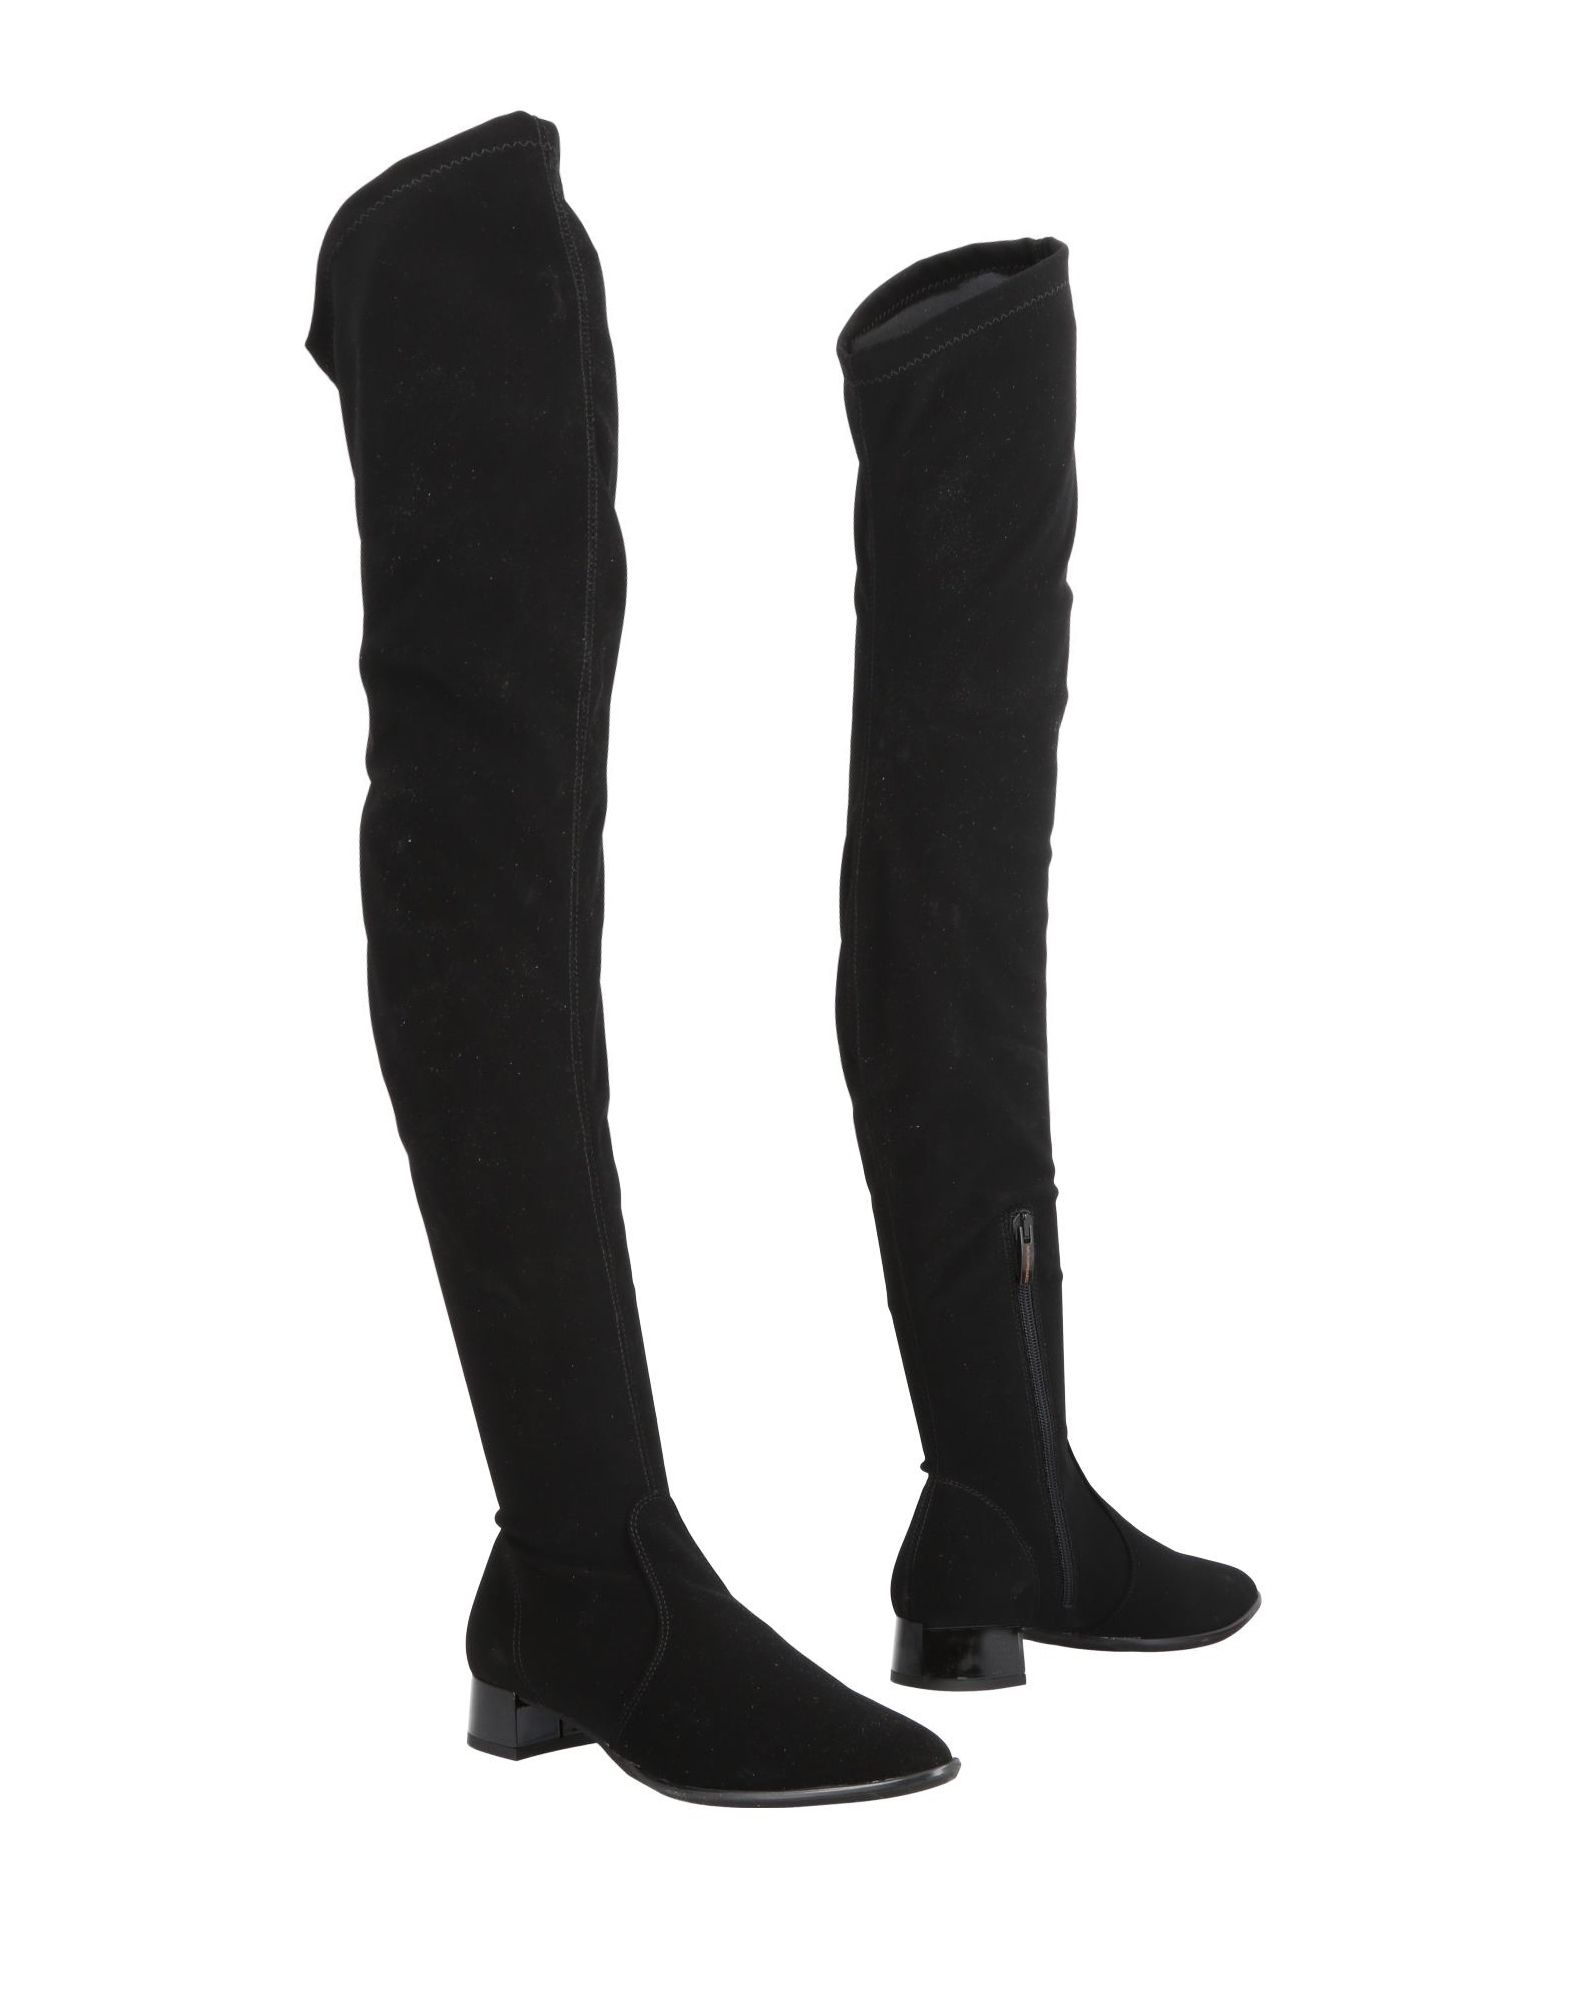 Nr Rapisardi Boots Boots - Women Nr Rapisardi Boots Boots online on  United Kingdom - 11503727GJ c84dcf